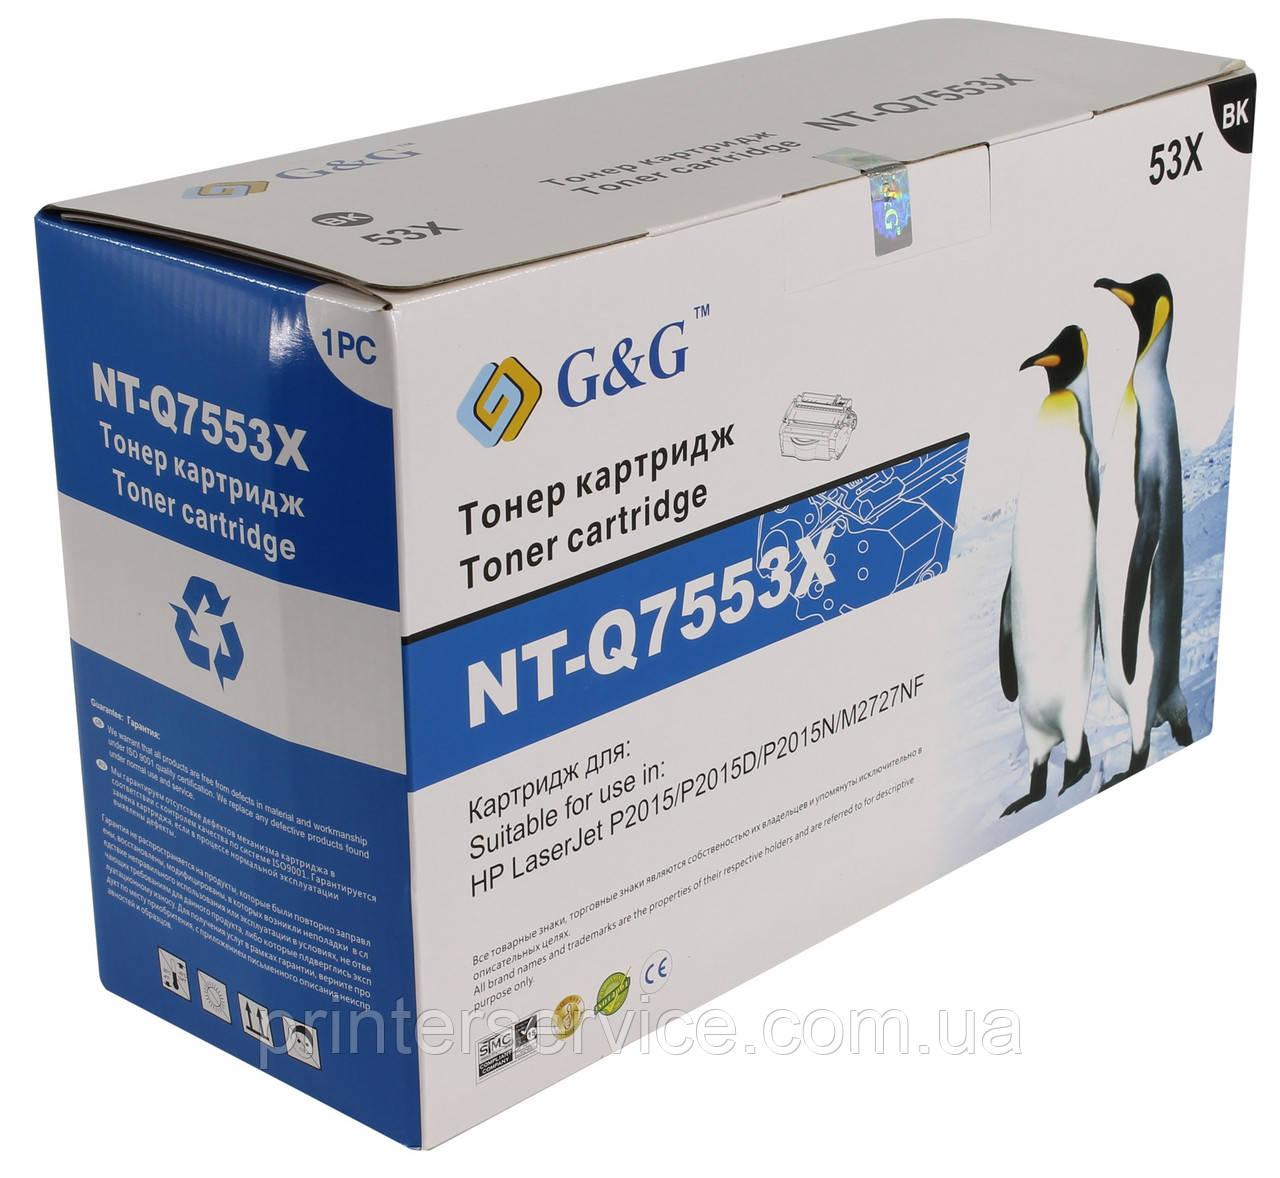 Картридж Q7553X совместимый для HP LJ P2015 M2727 series, G&G-Q7553X max Black